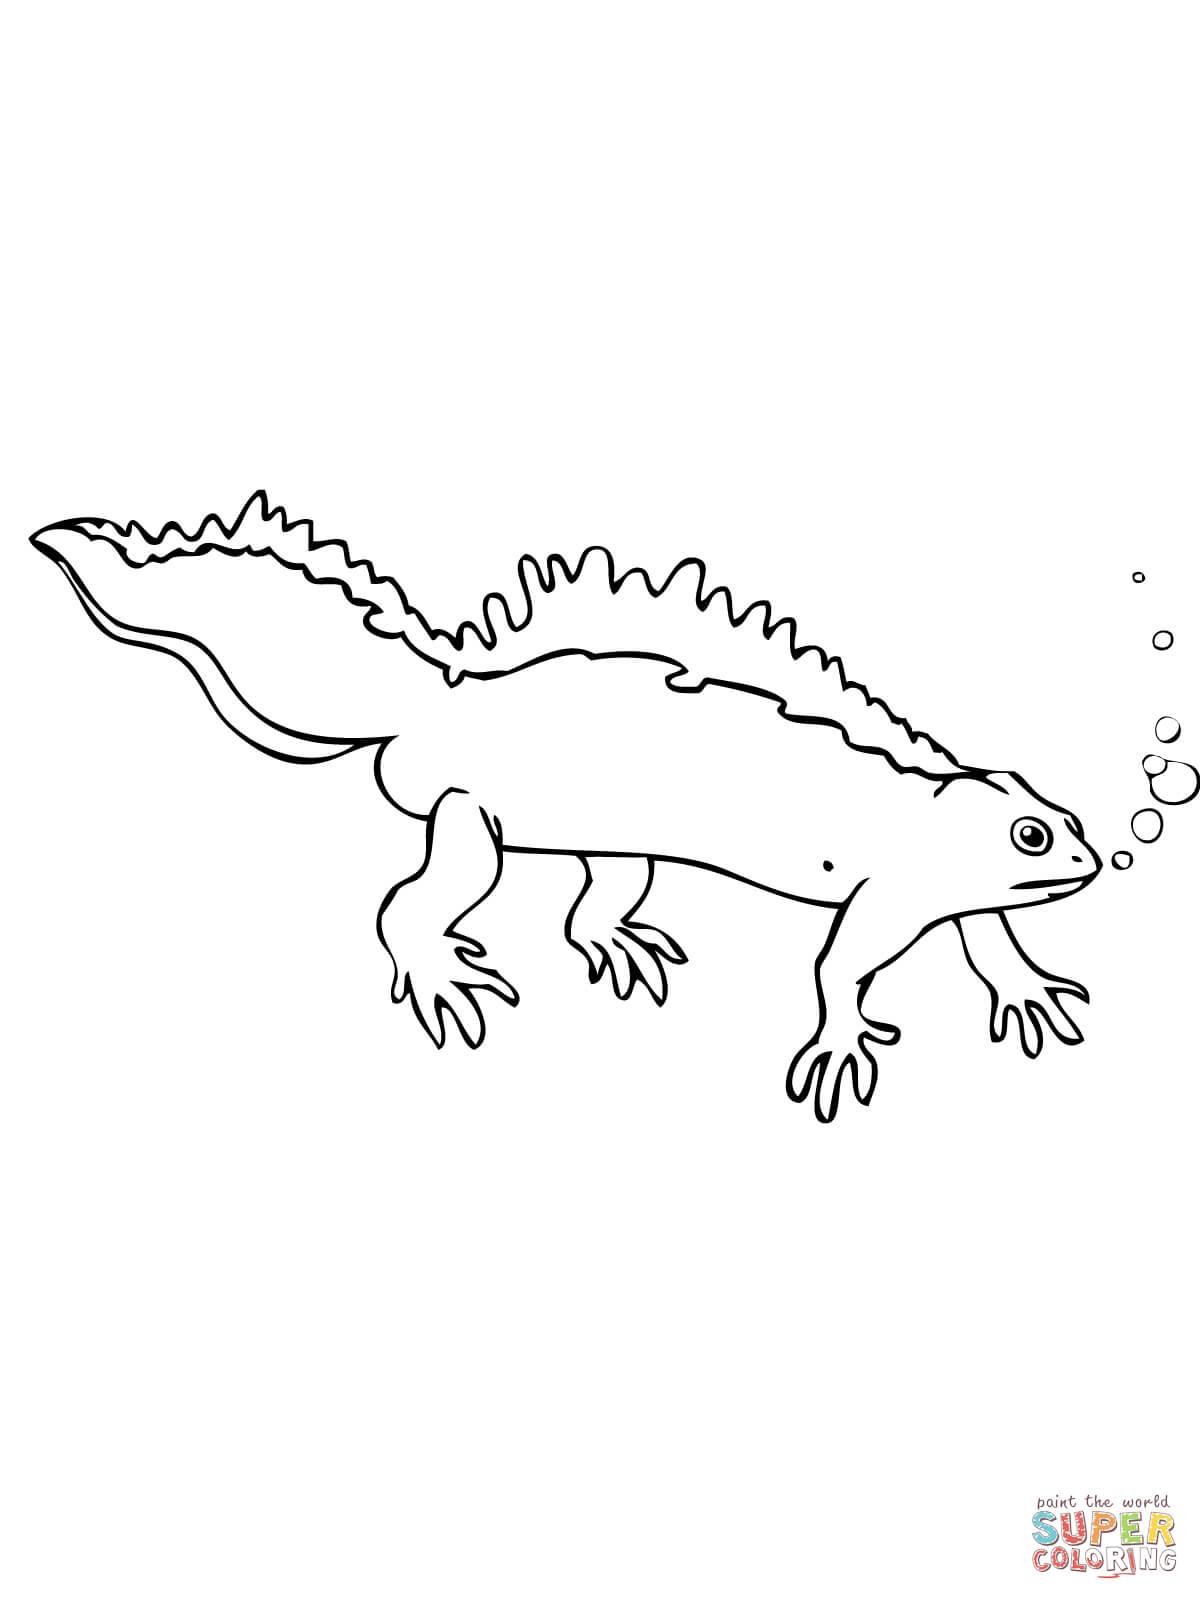 Newt coloring #18, Download drawings